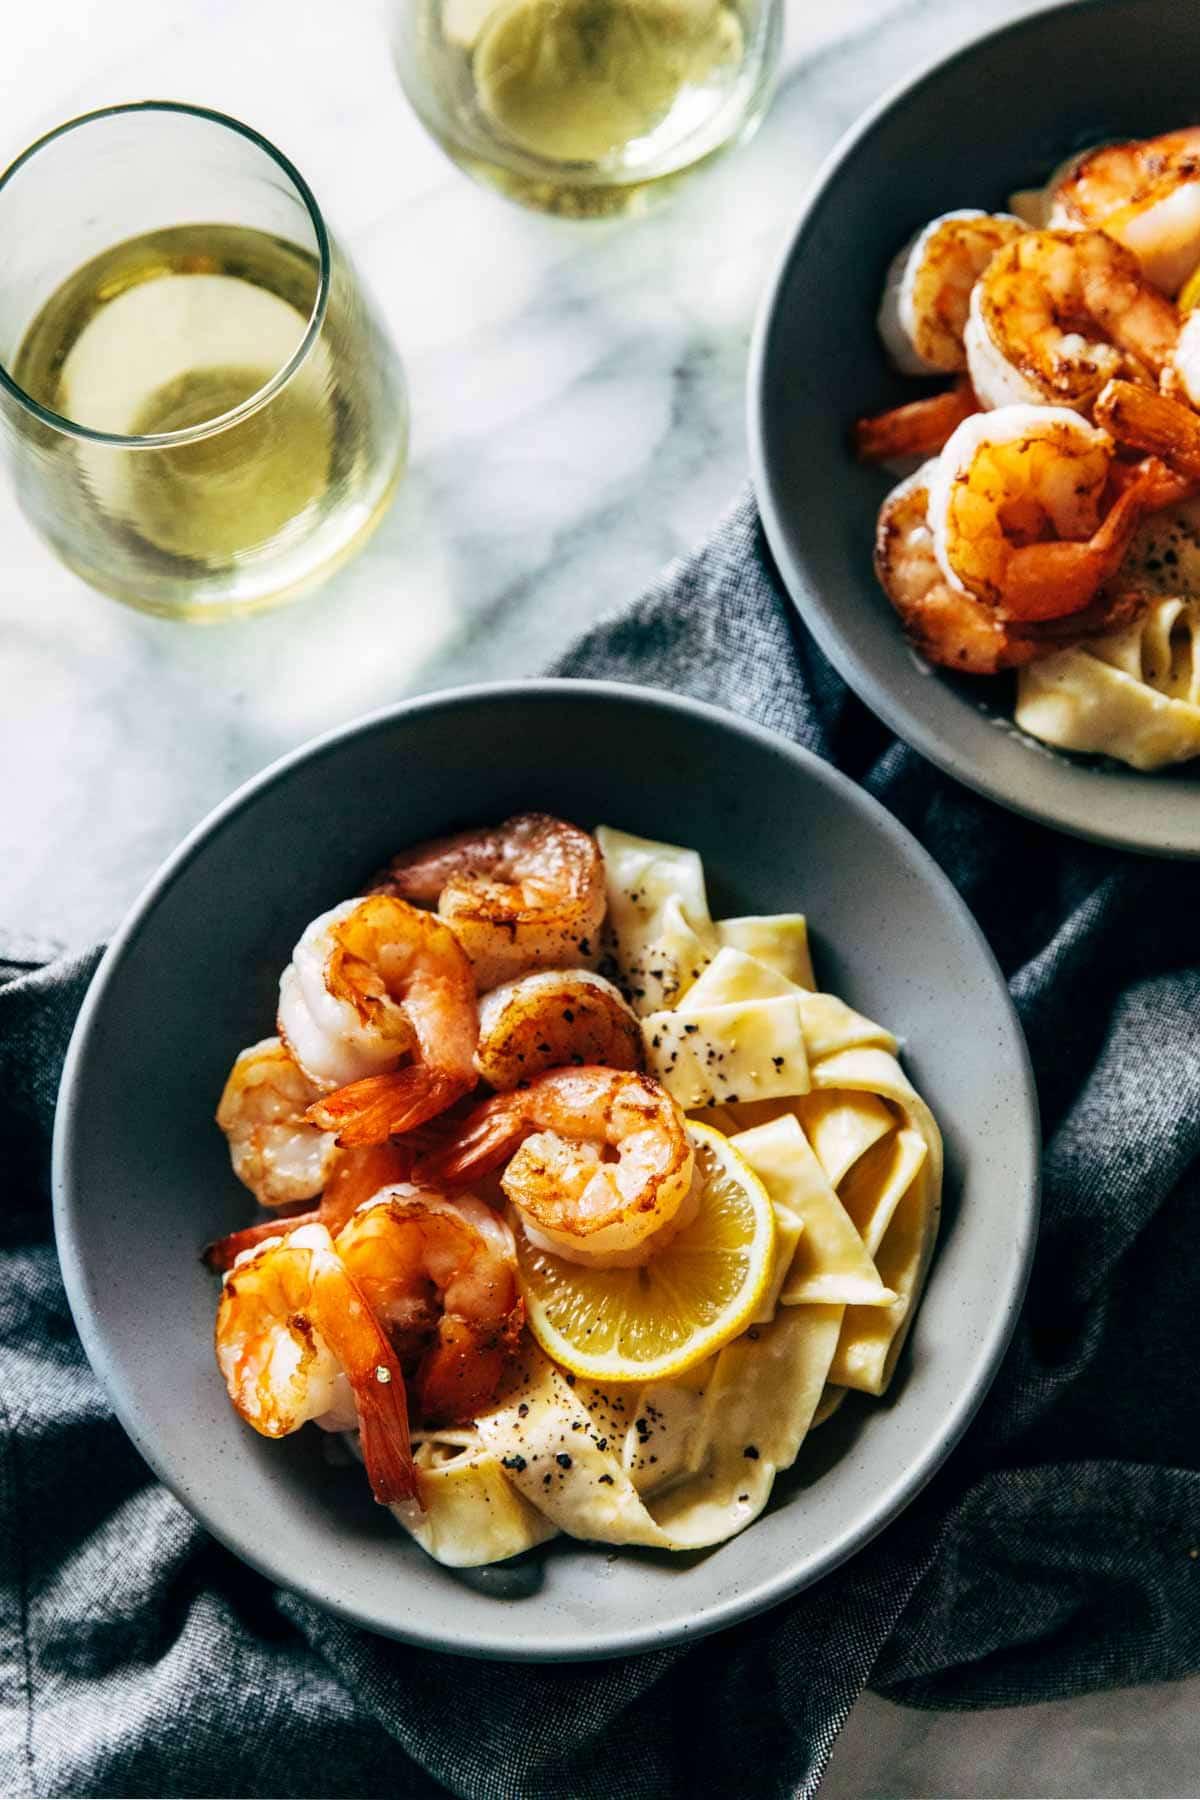 Date Nuit Citron Pappardelle dans un bol avec des crevettes.